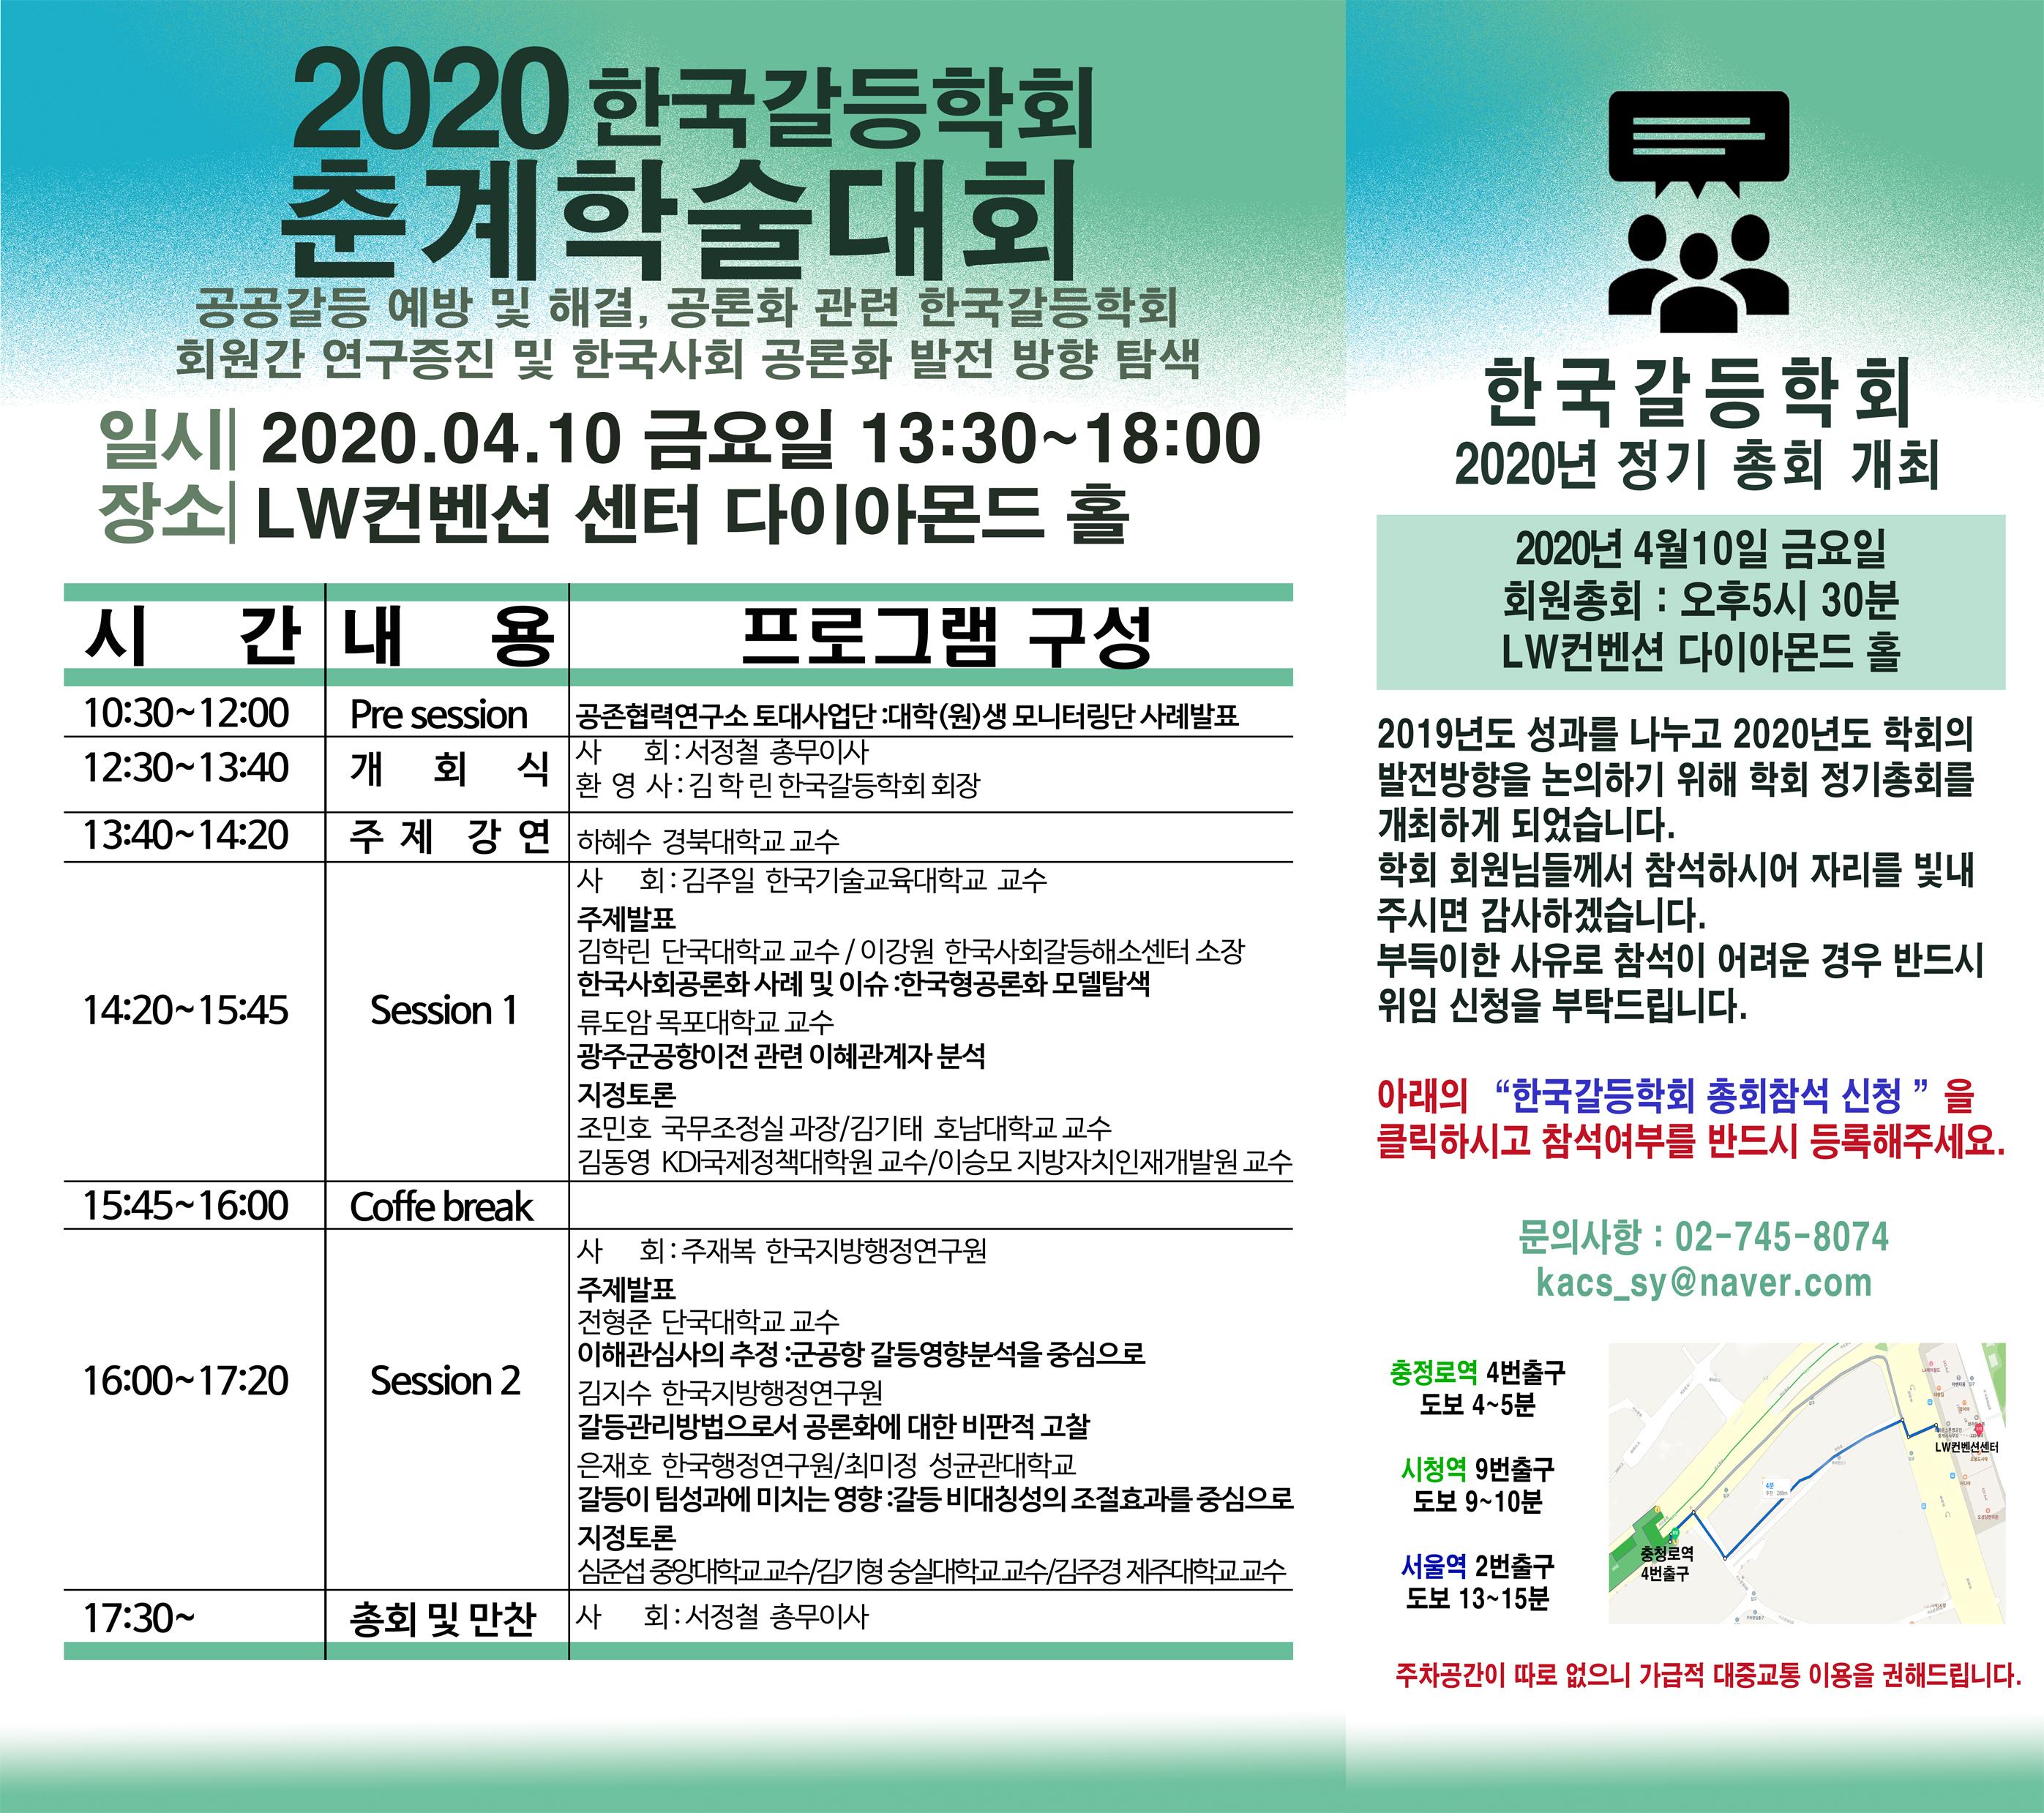 한국갈등학회 춘계학술대회 일정변경 안내문(최종 작업중).jpg